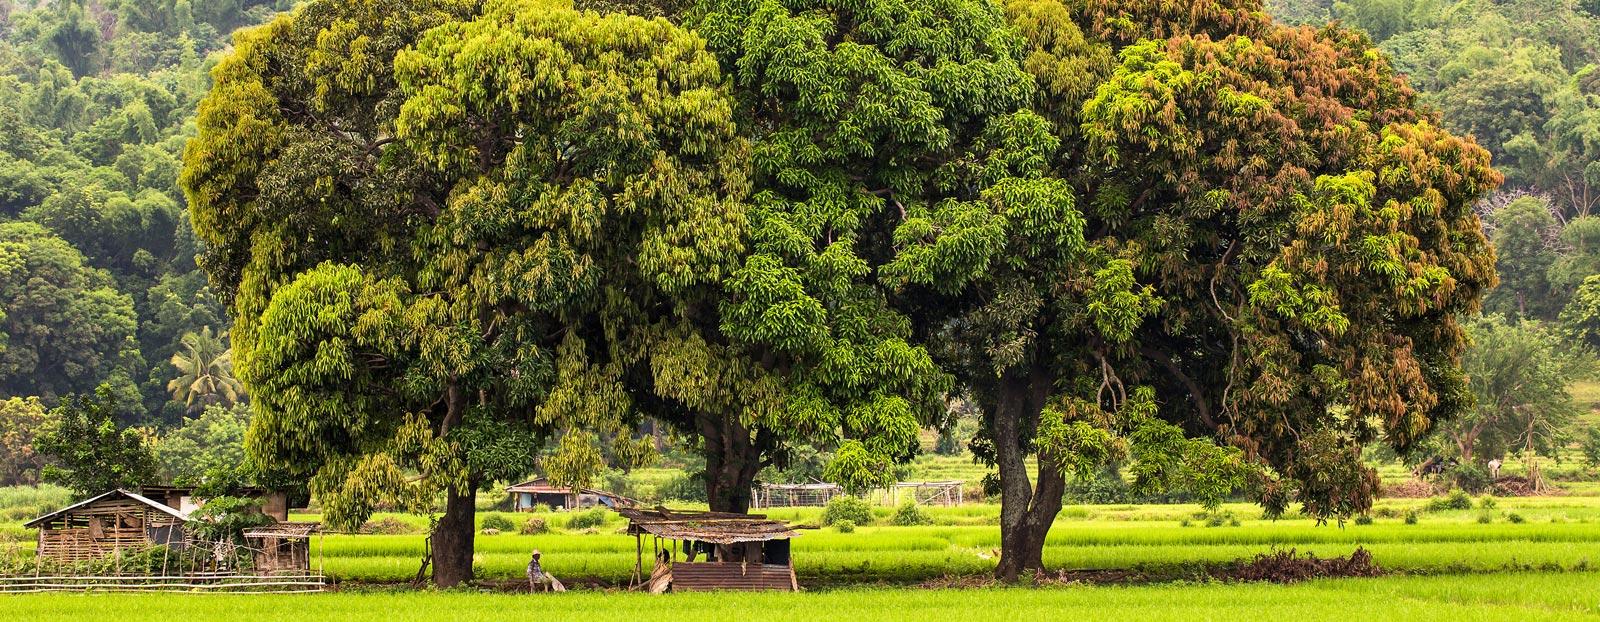 在自然栖息地生长着的芒果树